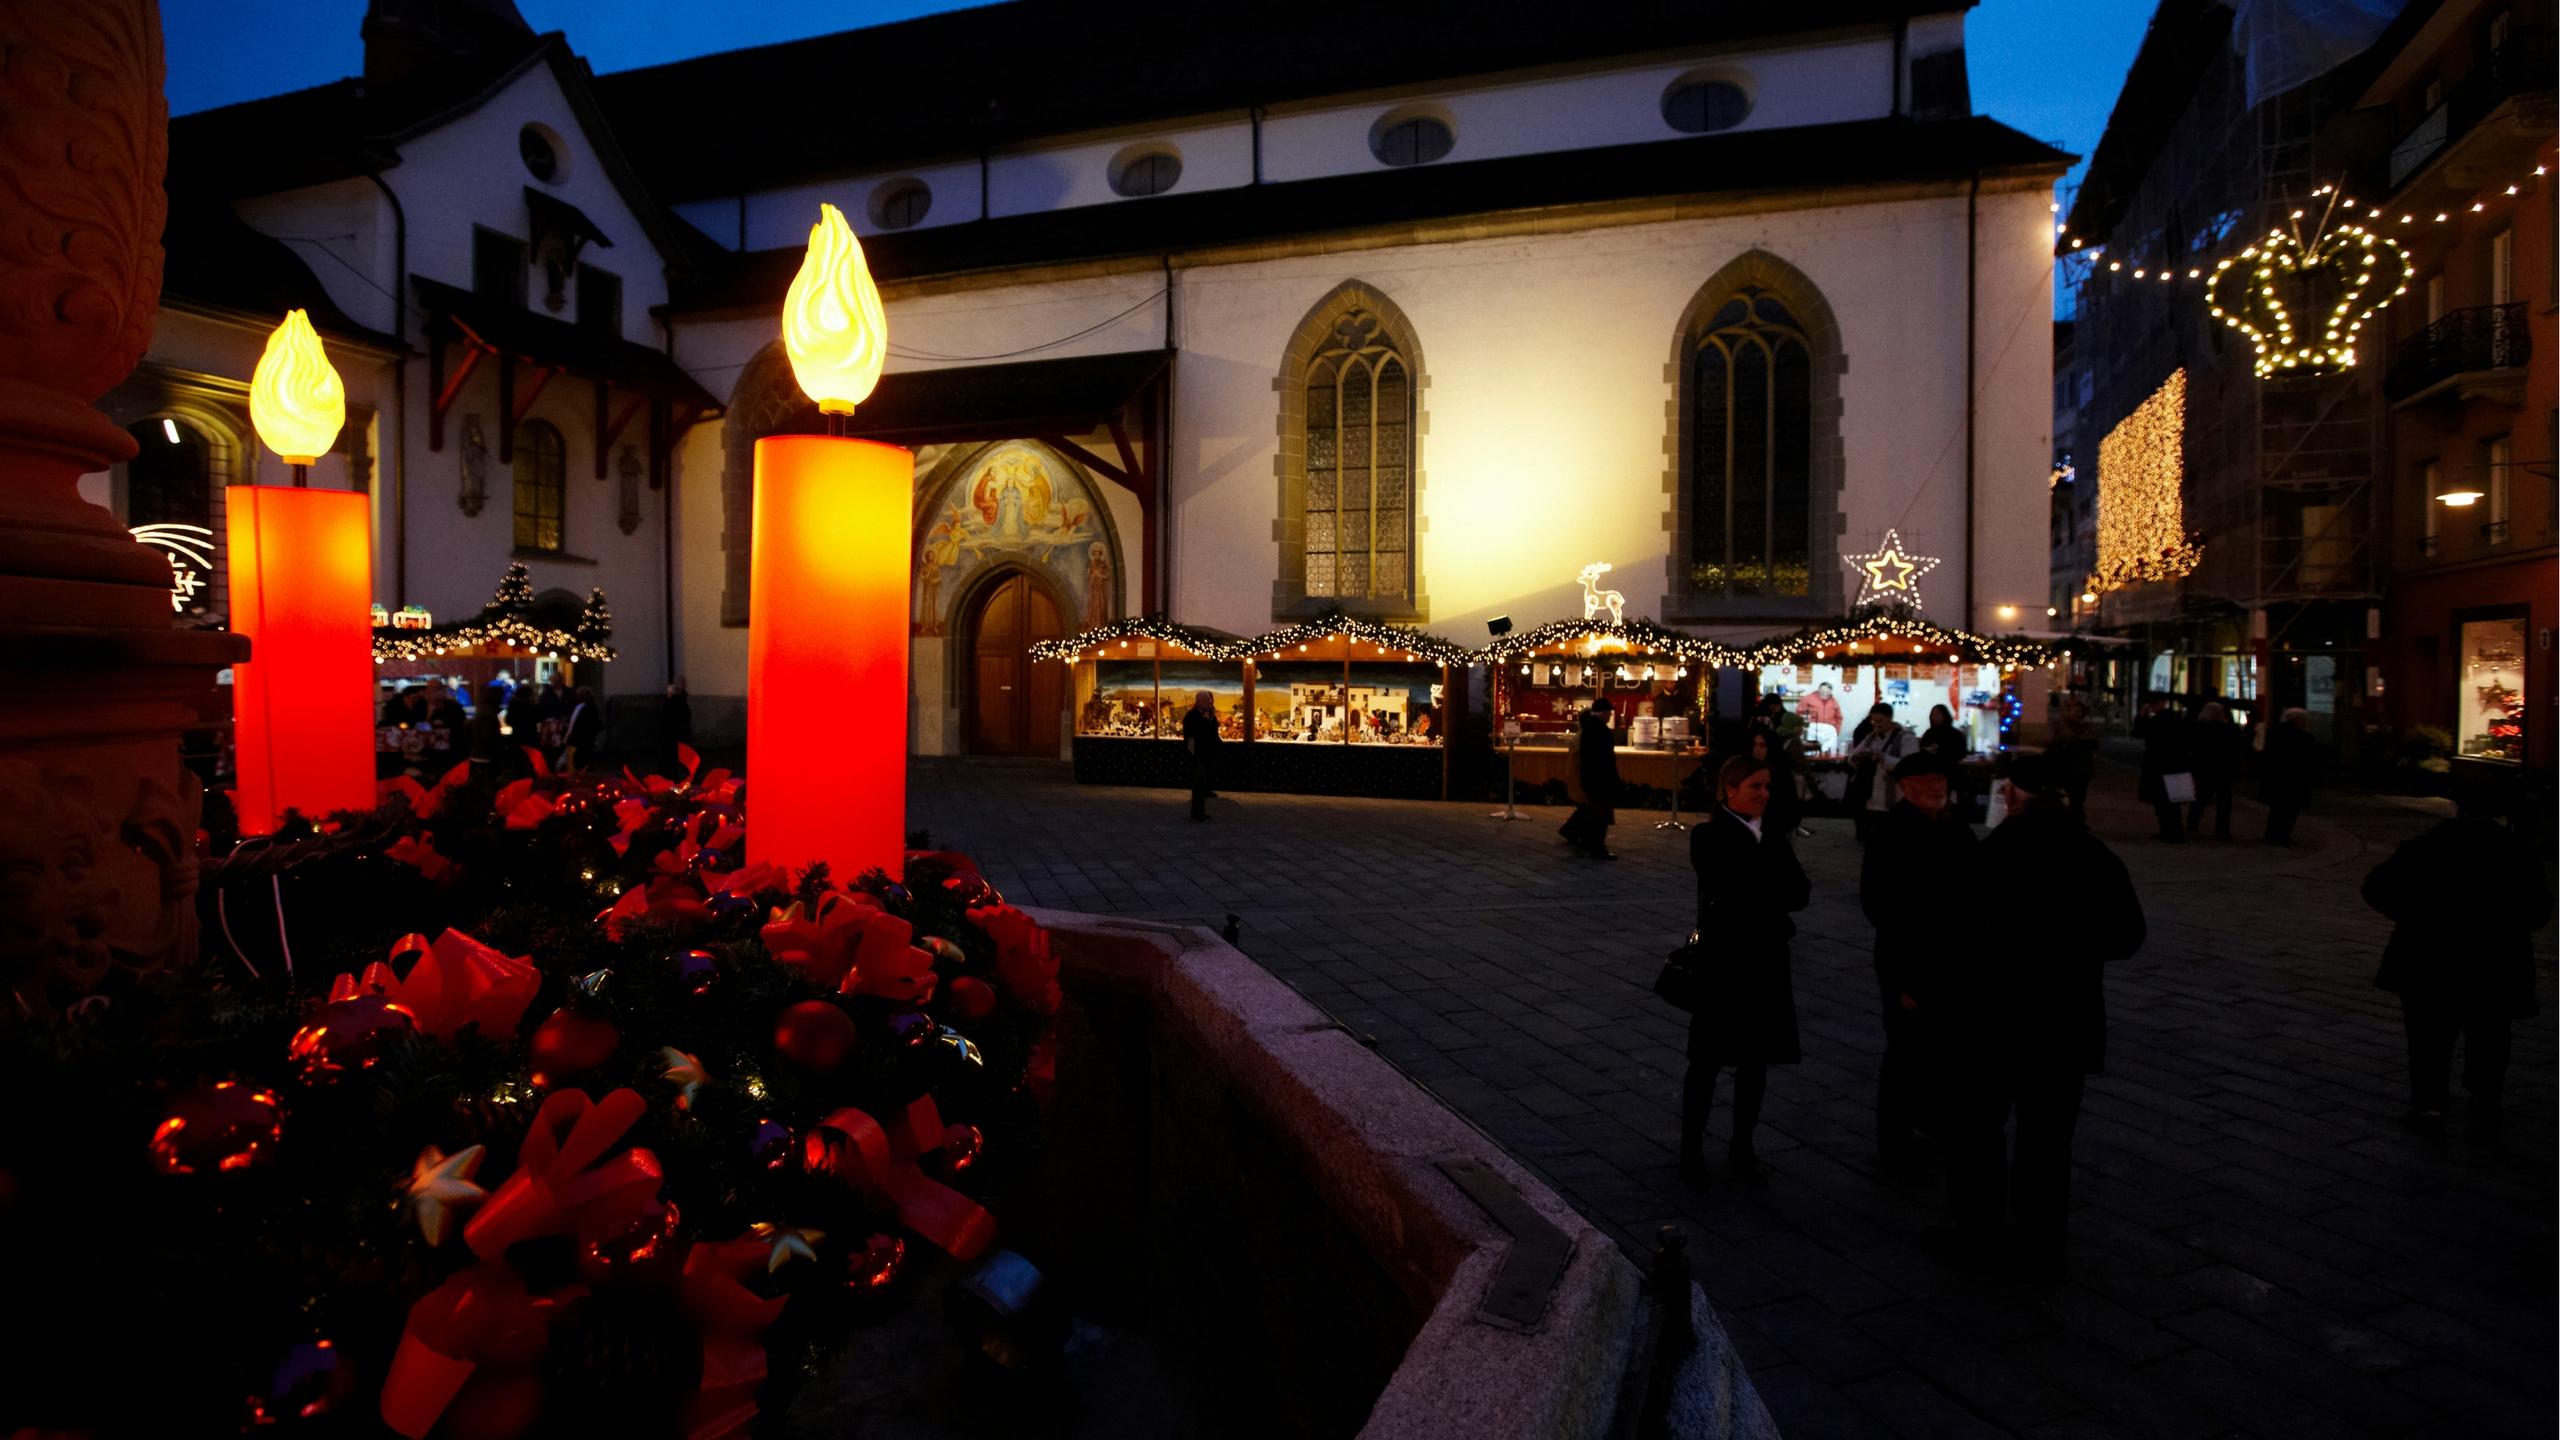 Der Adventskranz mit 3 Meter Durchmesser am Luzerner Weihnachtsmarkt